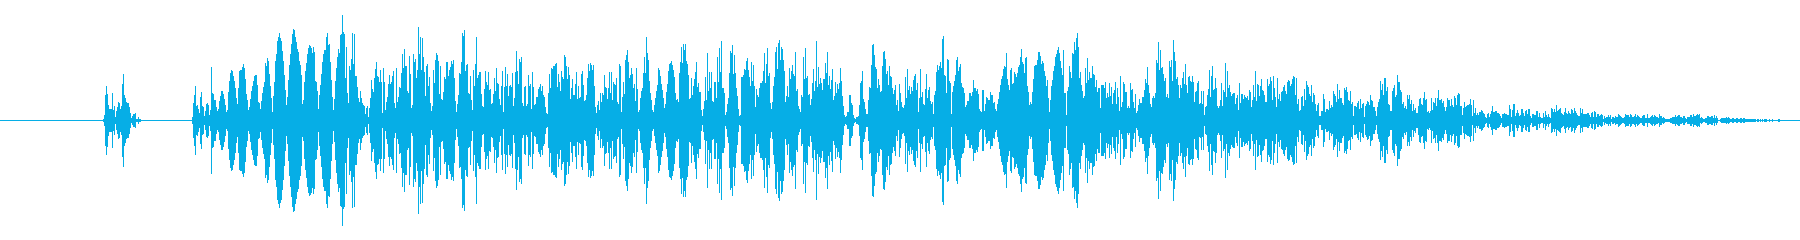 【打撃音07】パンチやキックに最適です!の再生済みの波形